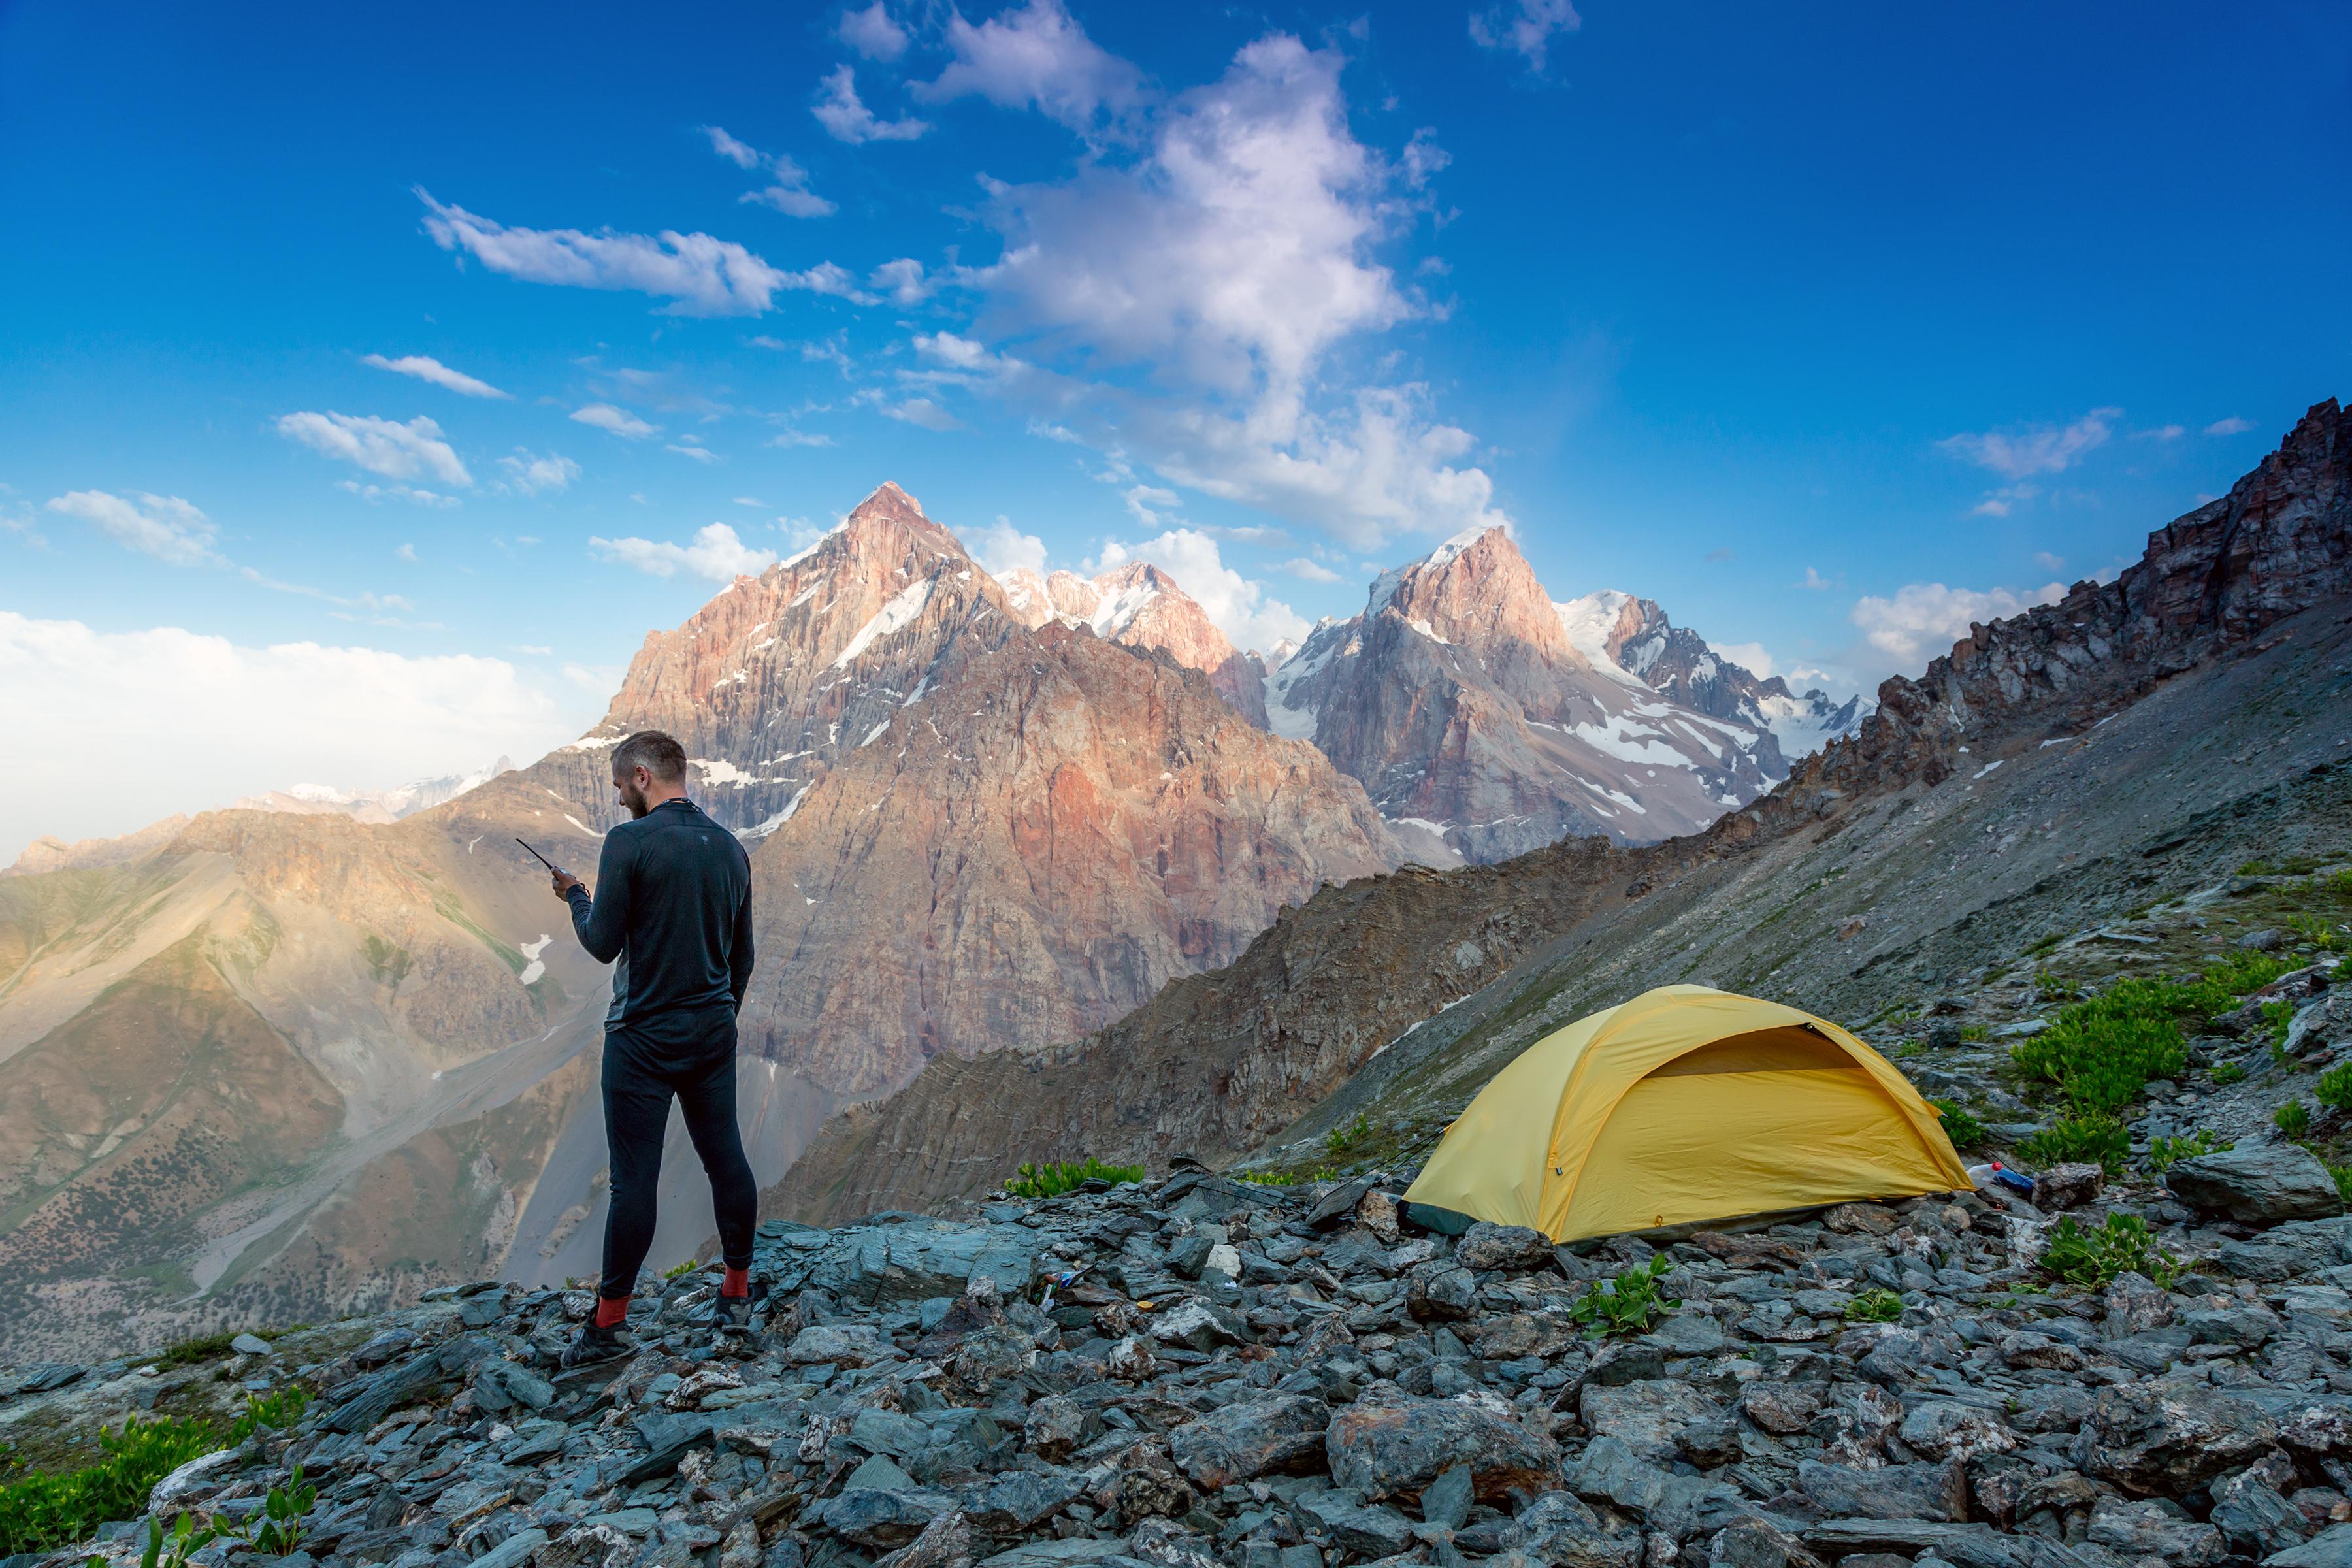 Man camping on mountainside